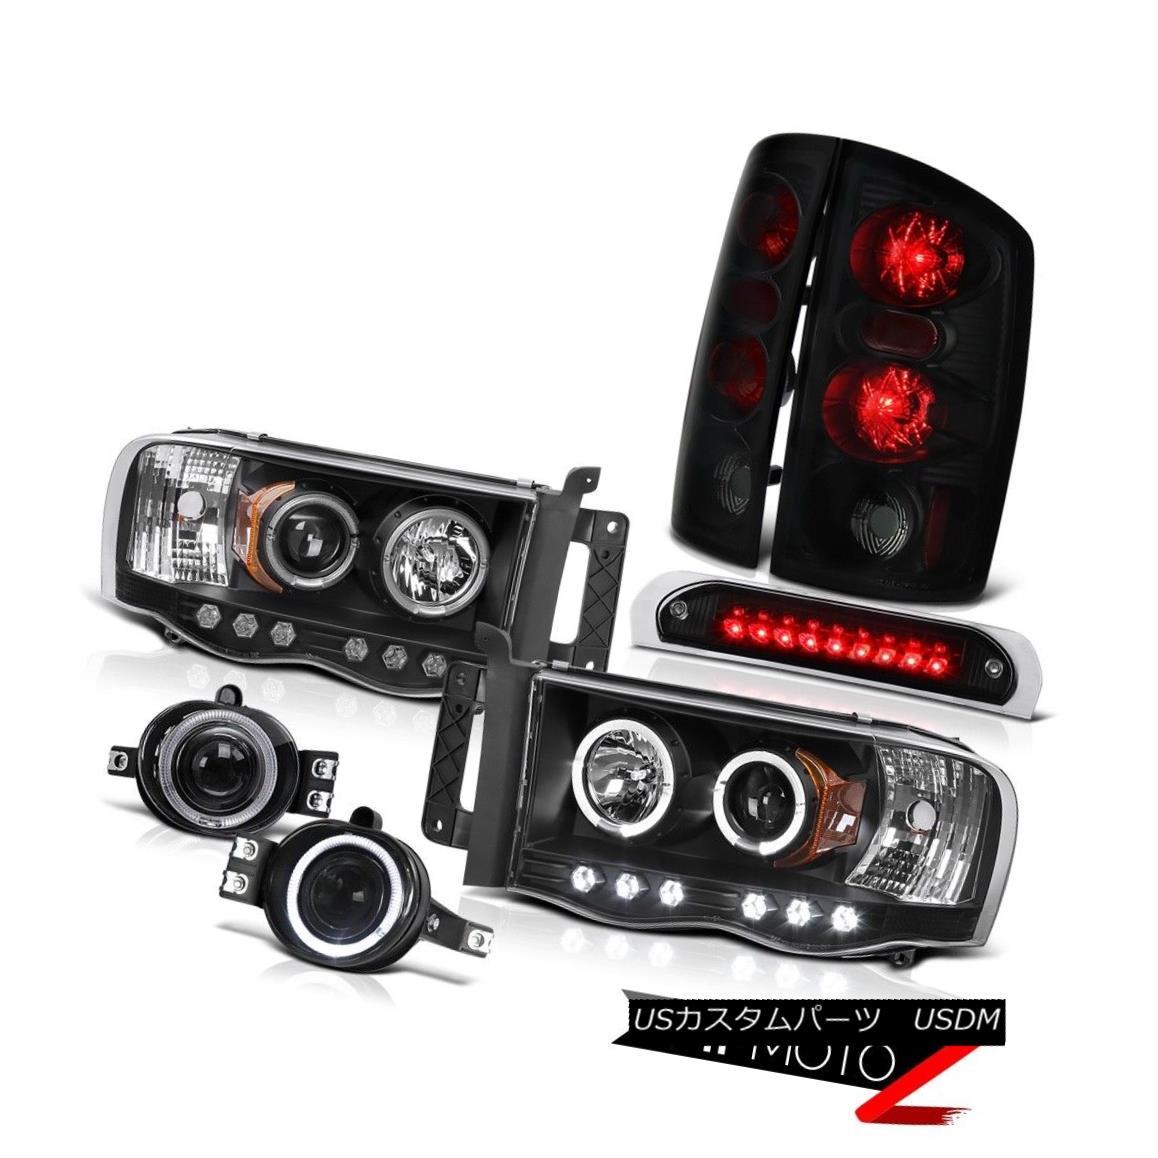 テールライト 02 03 04 05 Ram 3500 Black Headlights Sinister Brake Lights Fog High Stop LED 02 03 04 05 Ram 3500ブラックヘッドライト不快なブレーキライトフォグハイストップLED